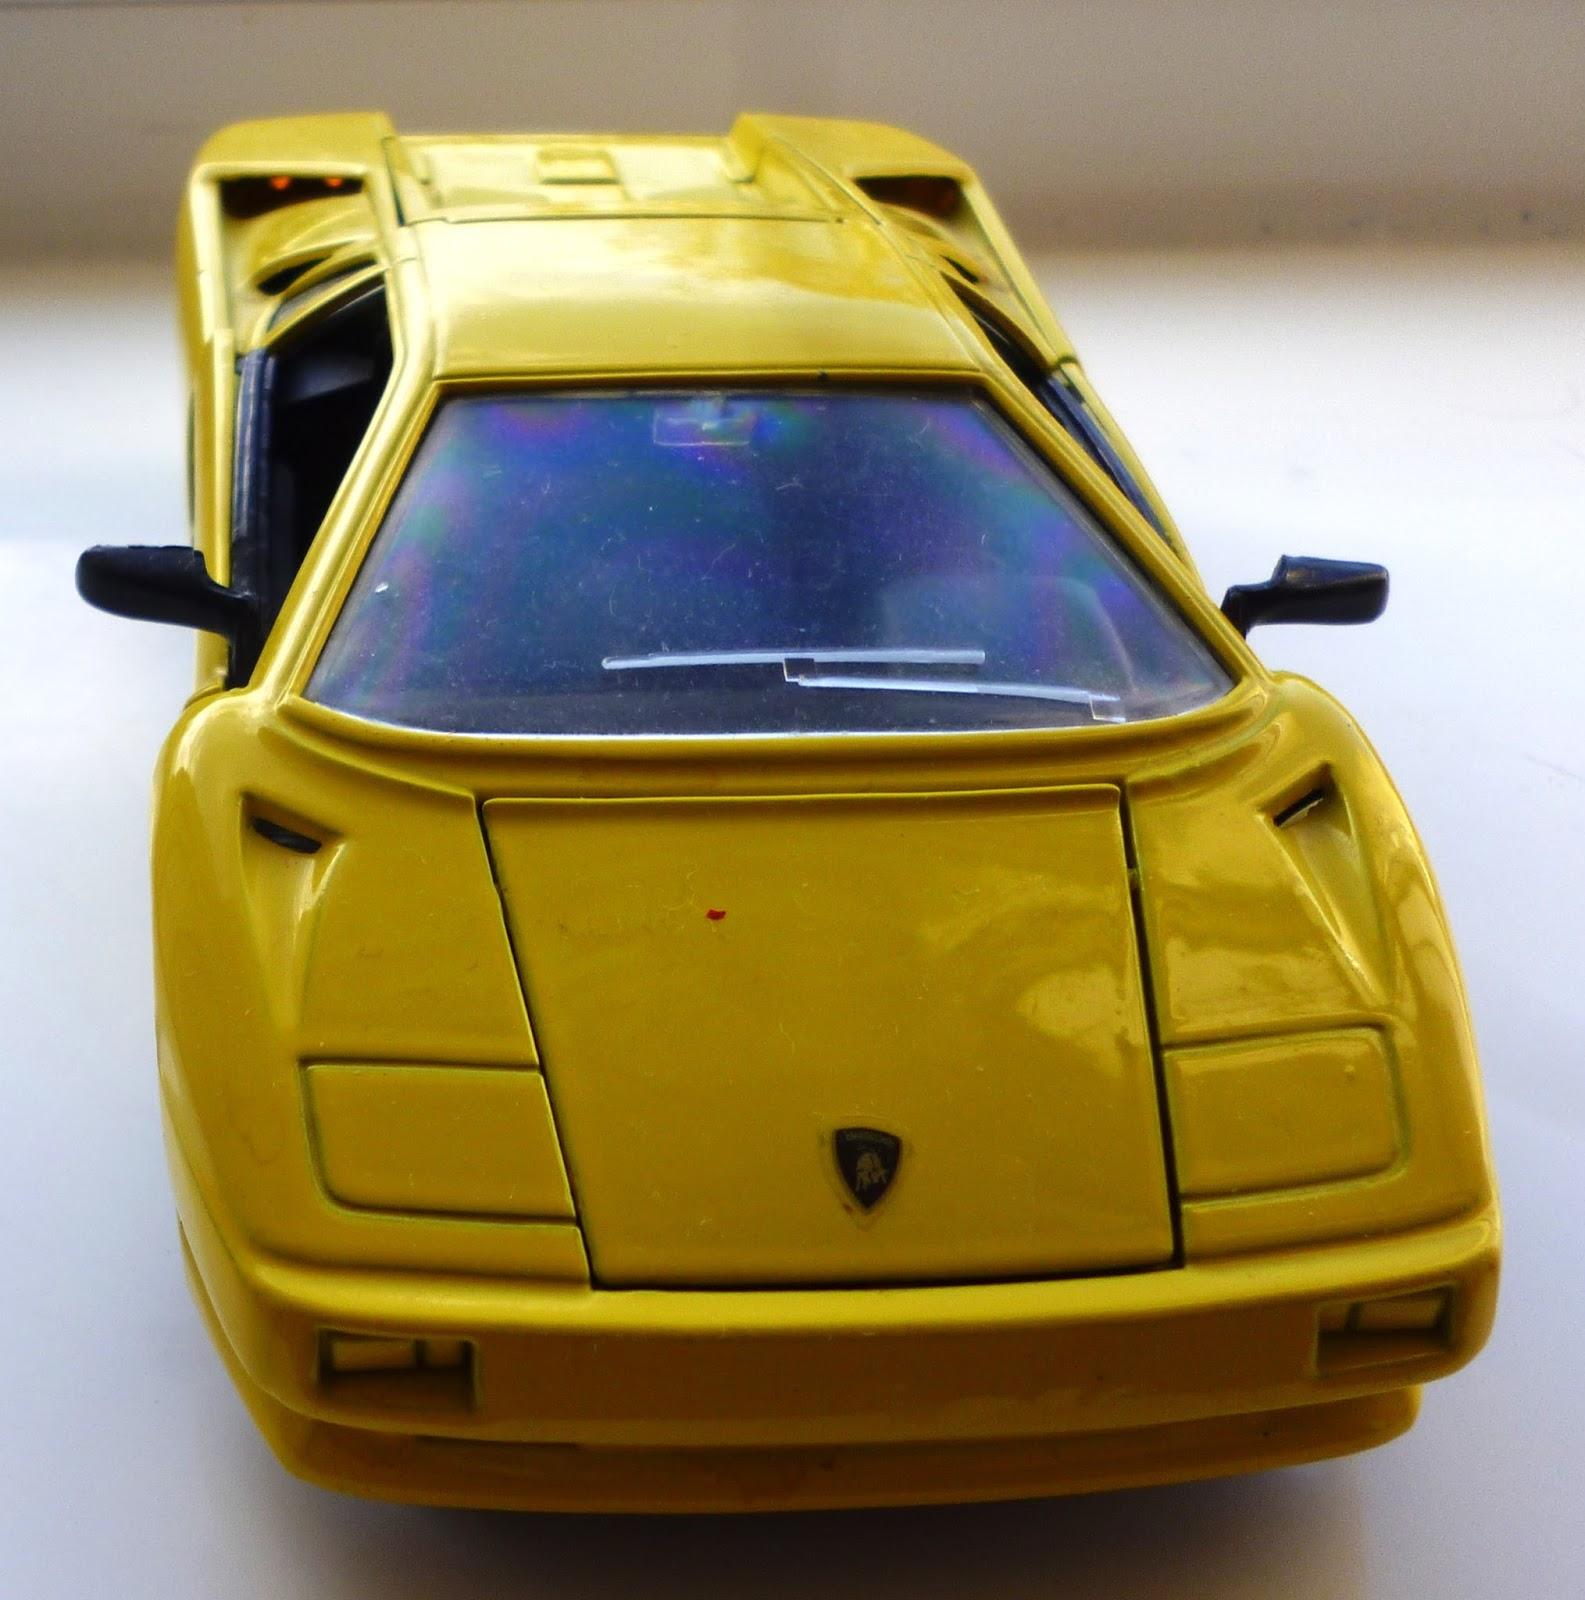 Ken S Vintage Toys Maisto Yellow Lamborghini Diablo 1990 1 24 Scale